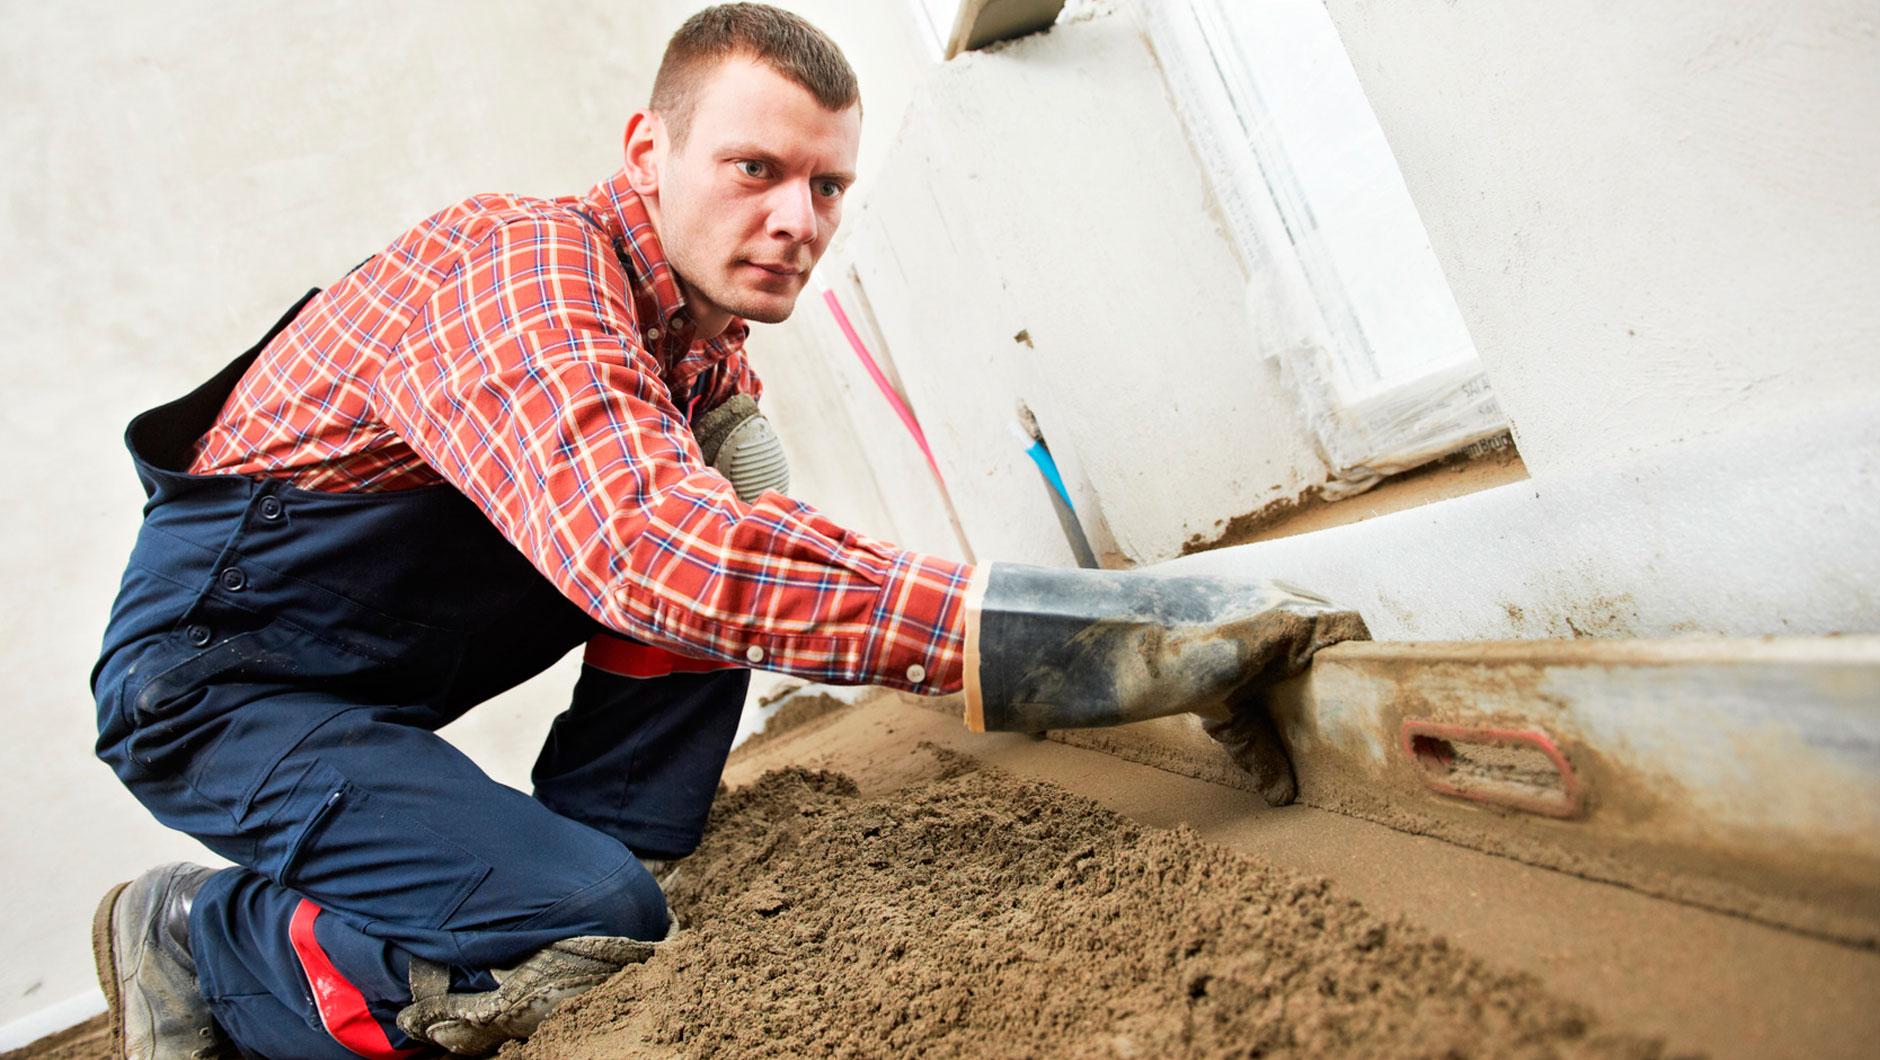 Случается так, что ребята получают рабочую или строительную профессию после 9 класса и идут в вуз за высшим образованием по другой специальности, оставляя квалификацию, допустим, слесаря, в качестве полезного навыка или запасного варианта работы. И это тоже идея